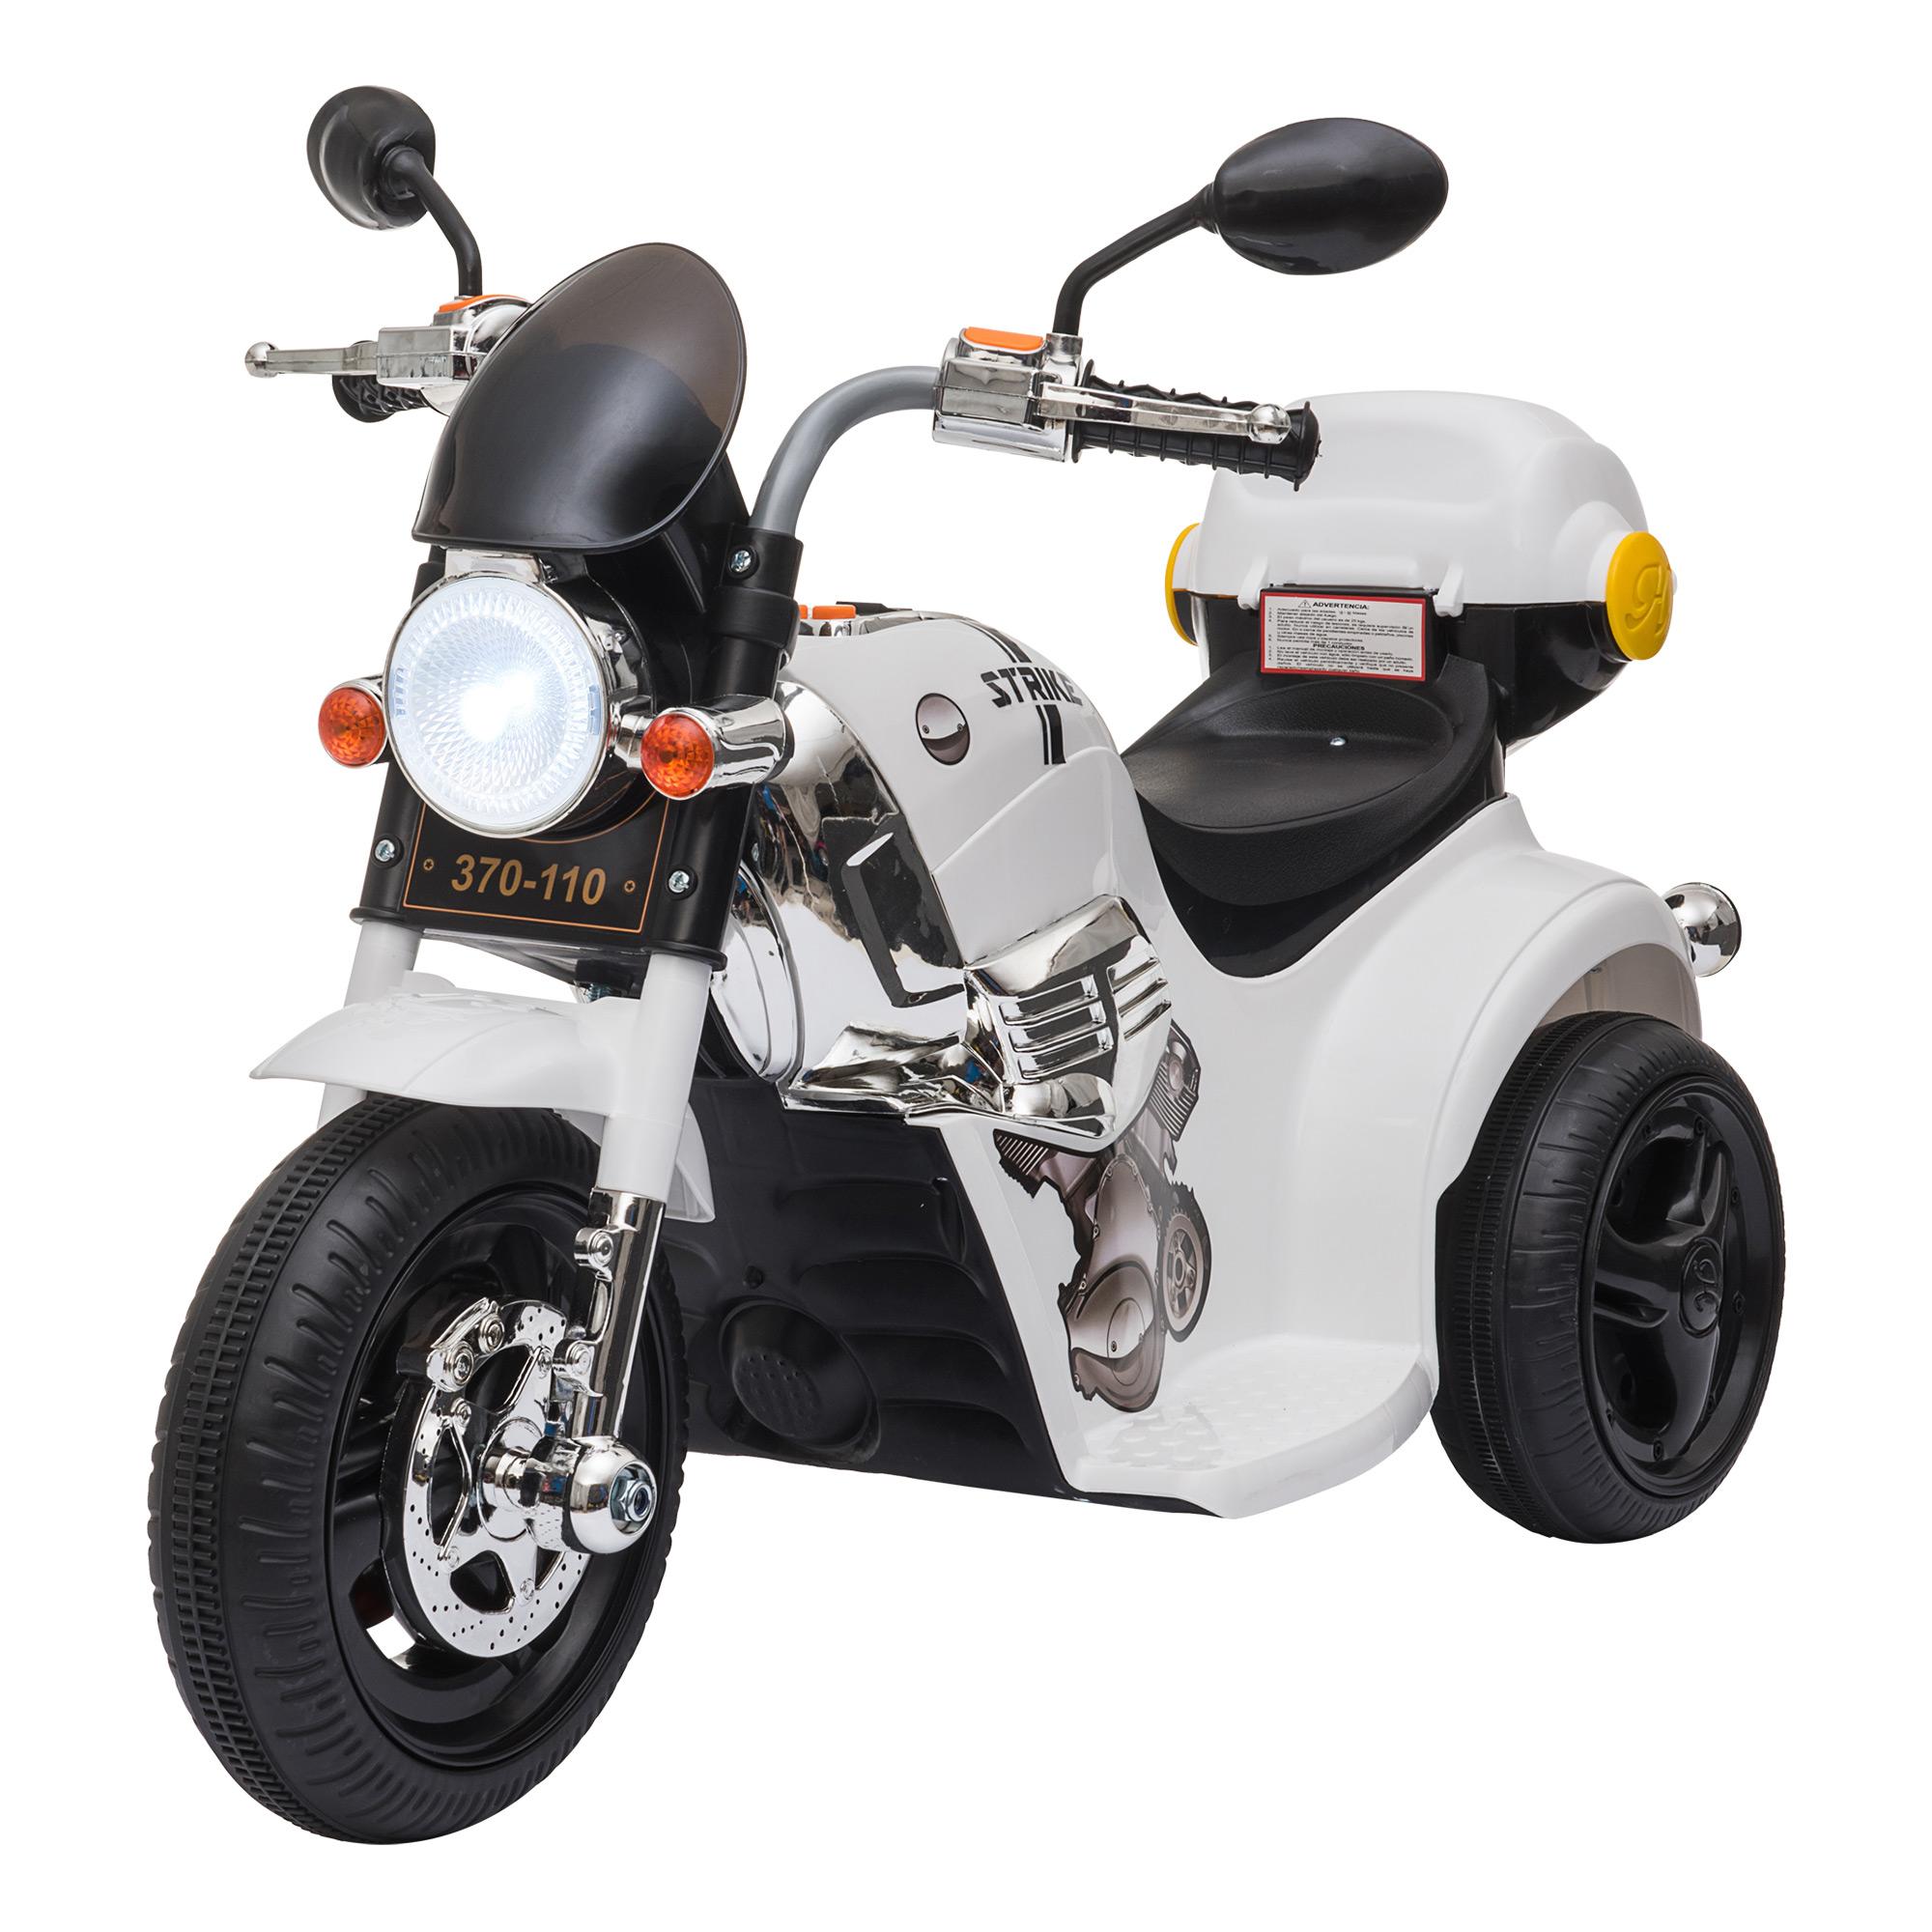 HOMCOM Moto Triciclo Eléctrico para Niños de +18 Meses Moto Eléctrica Infantil con 3 Ruedas Batería 6V 87x46x54 cm Blanco